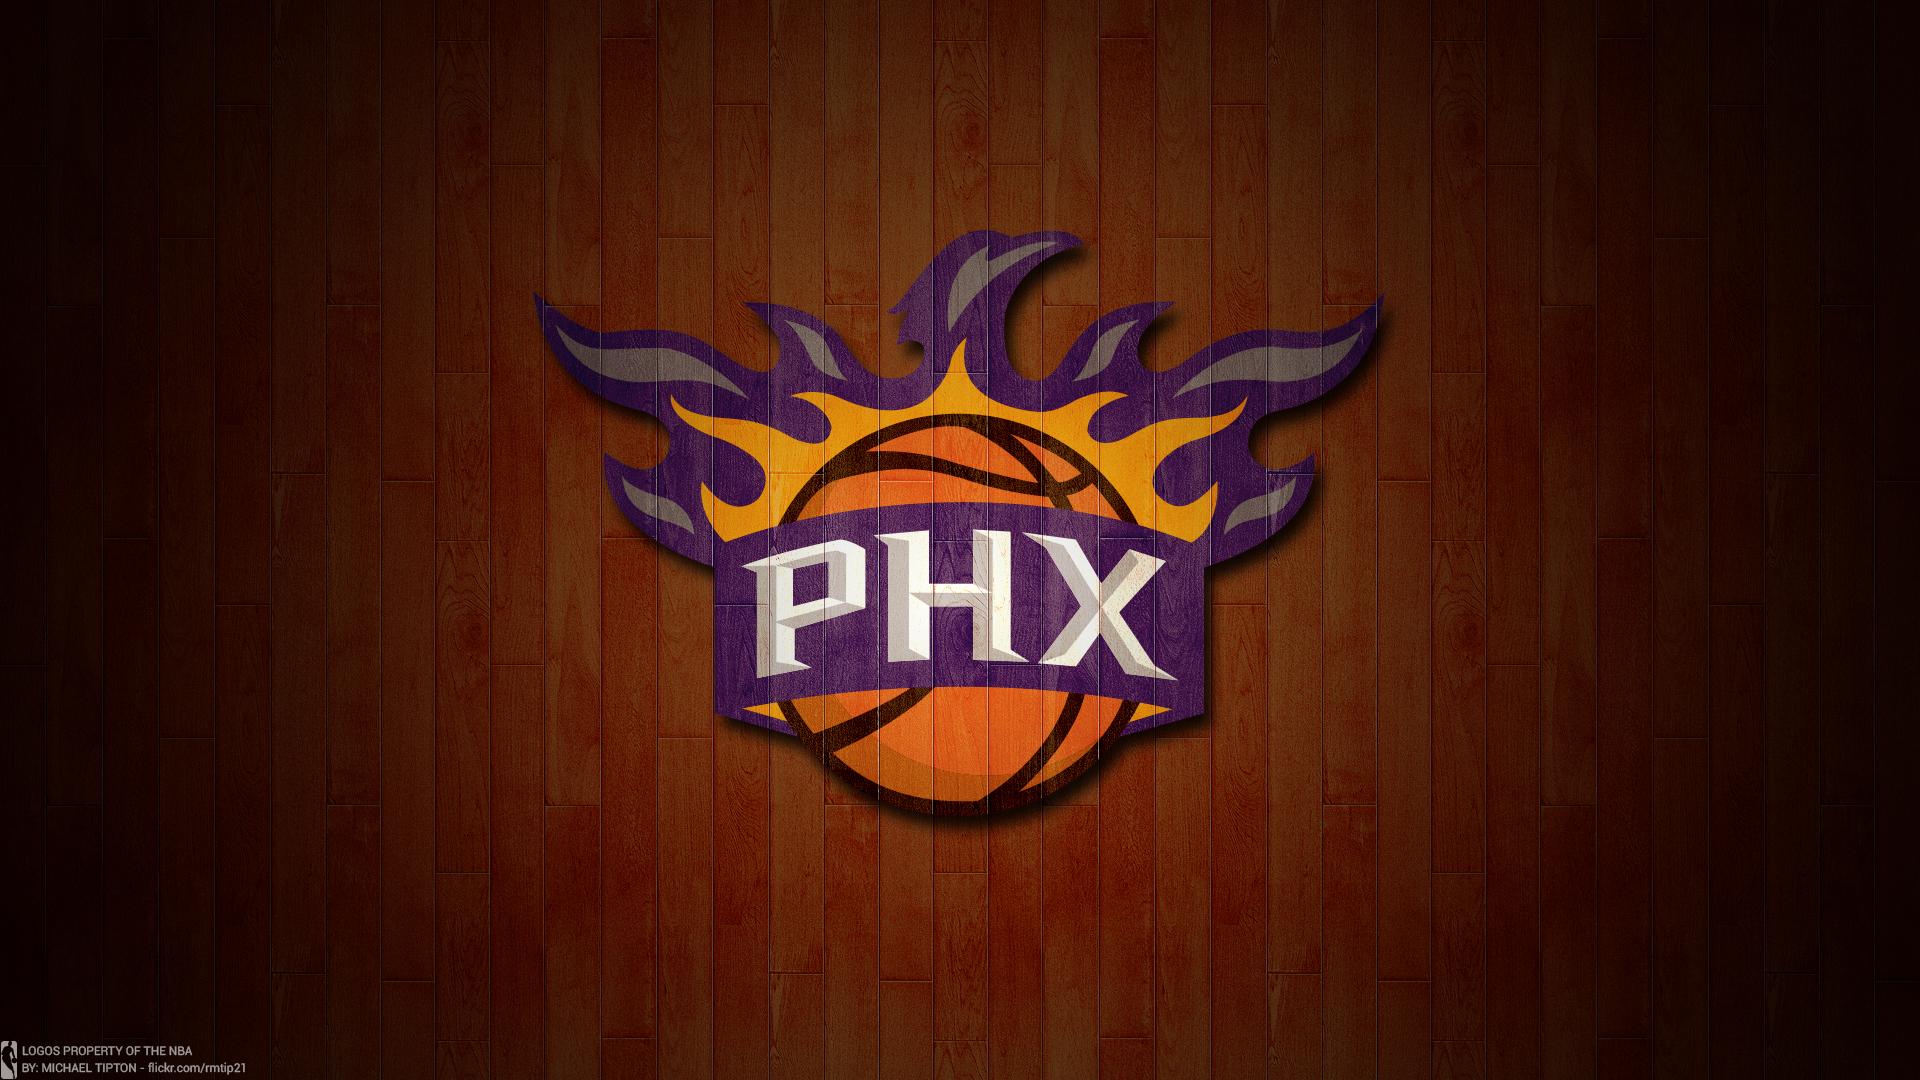 PHOENIX SUNS nba basketball 16 wallpaper 1920x1080 227681 1920x1080